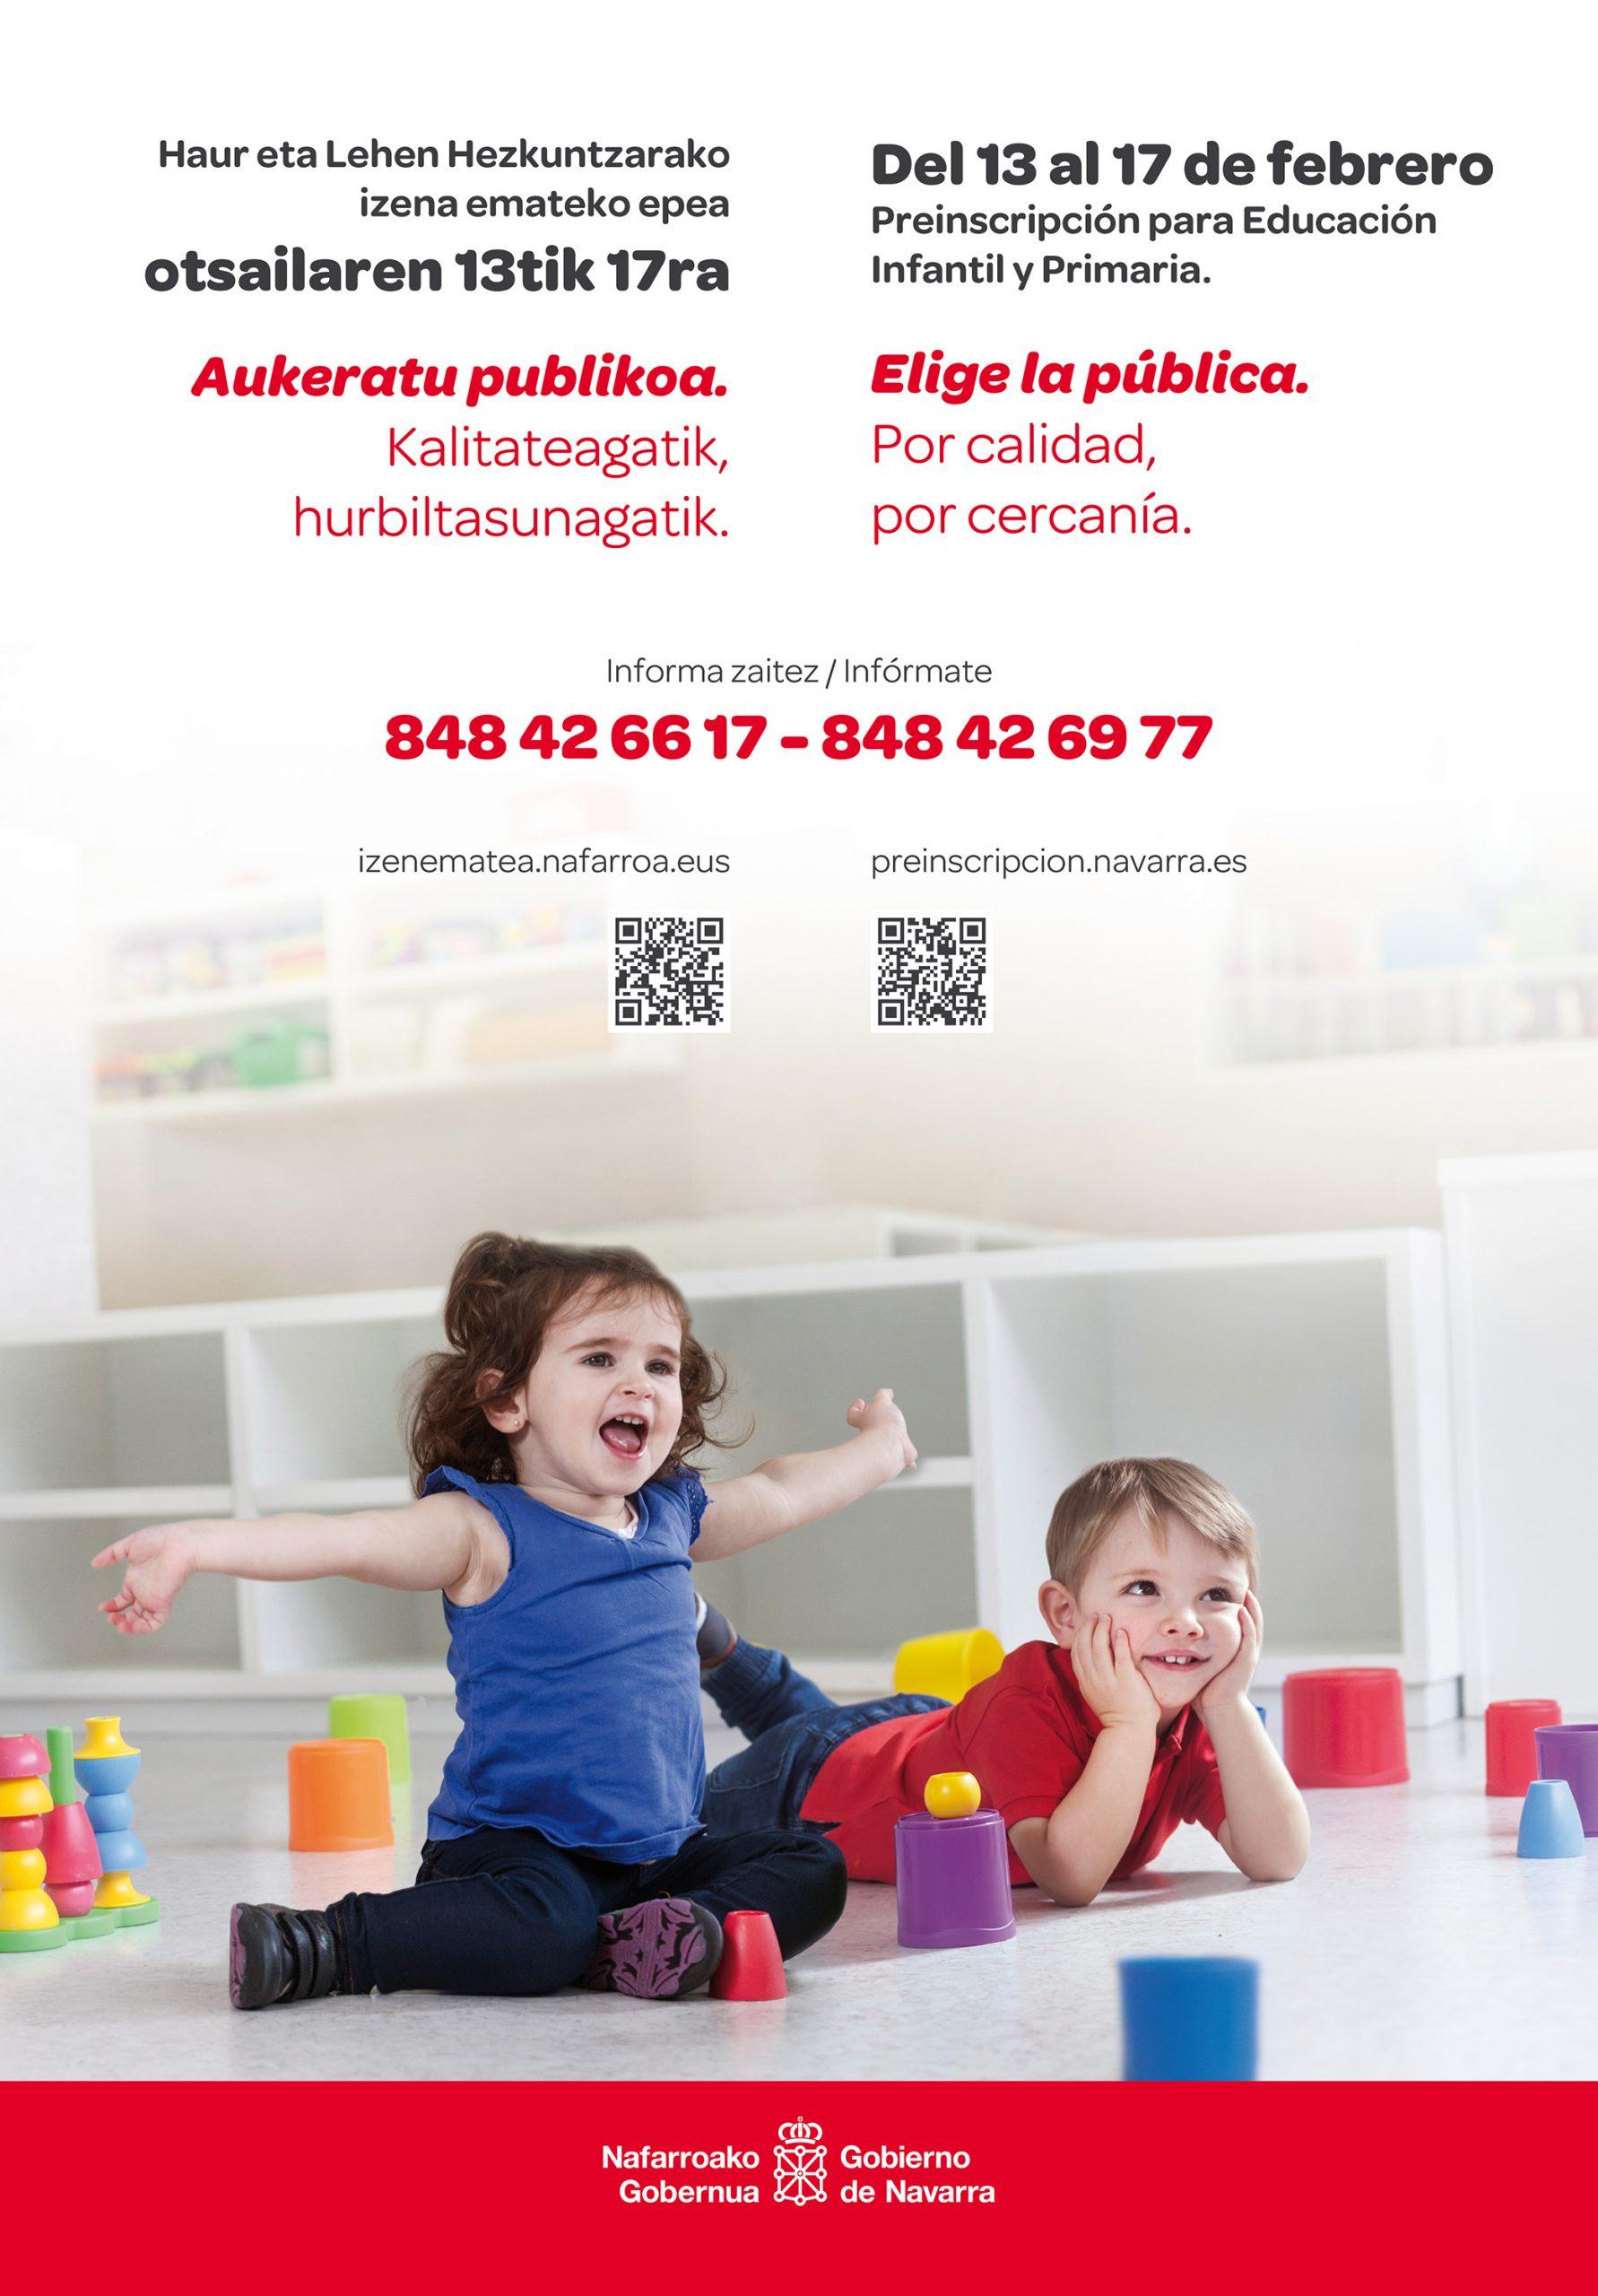 Imagen para la campaña de escolarización